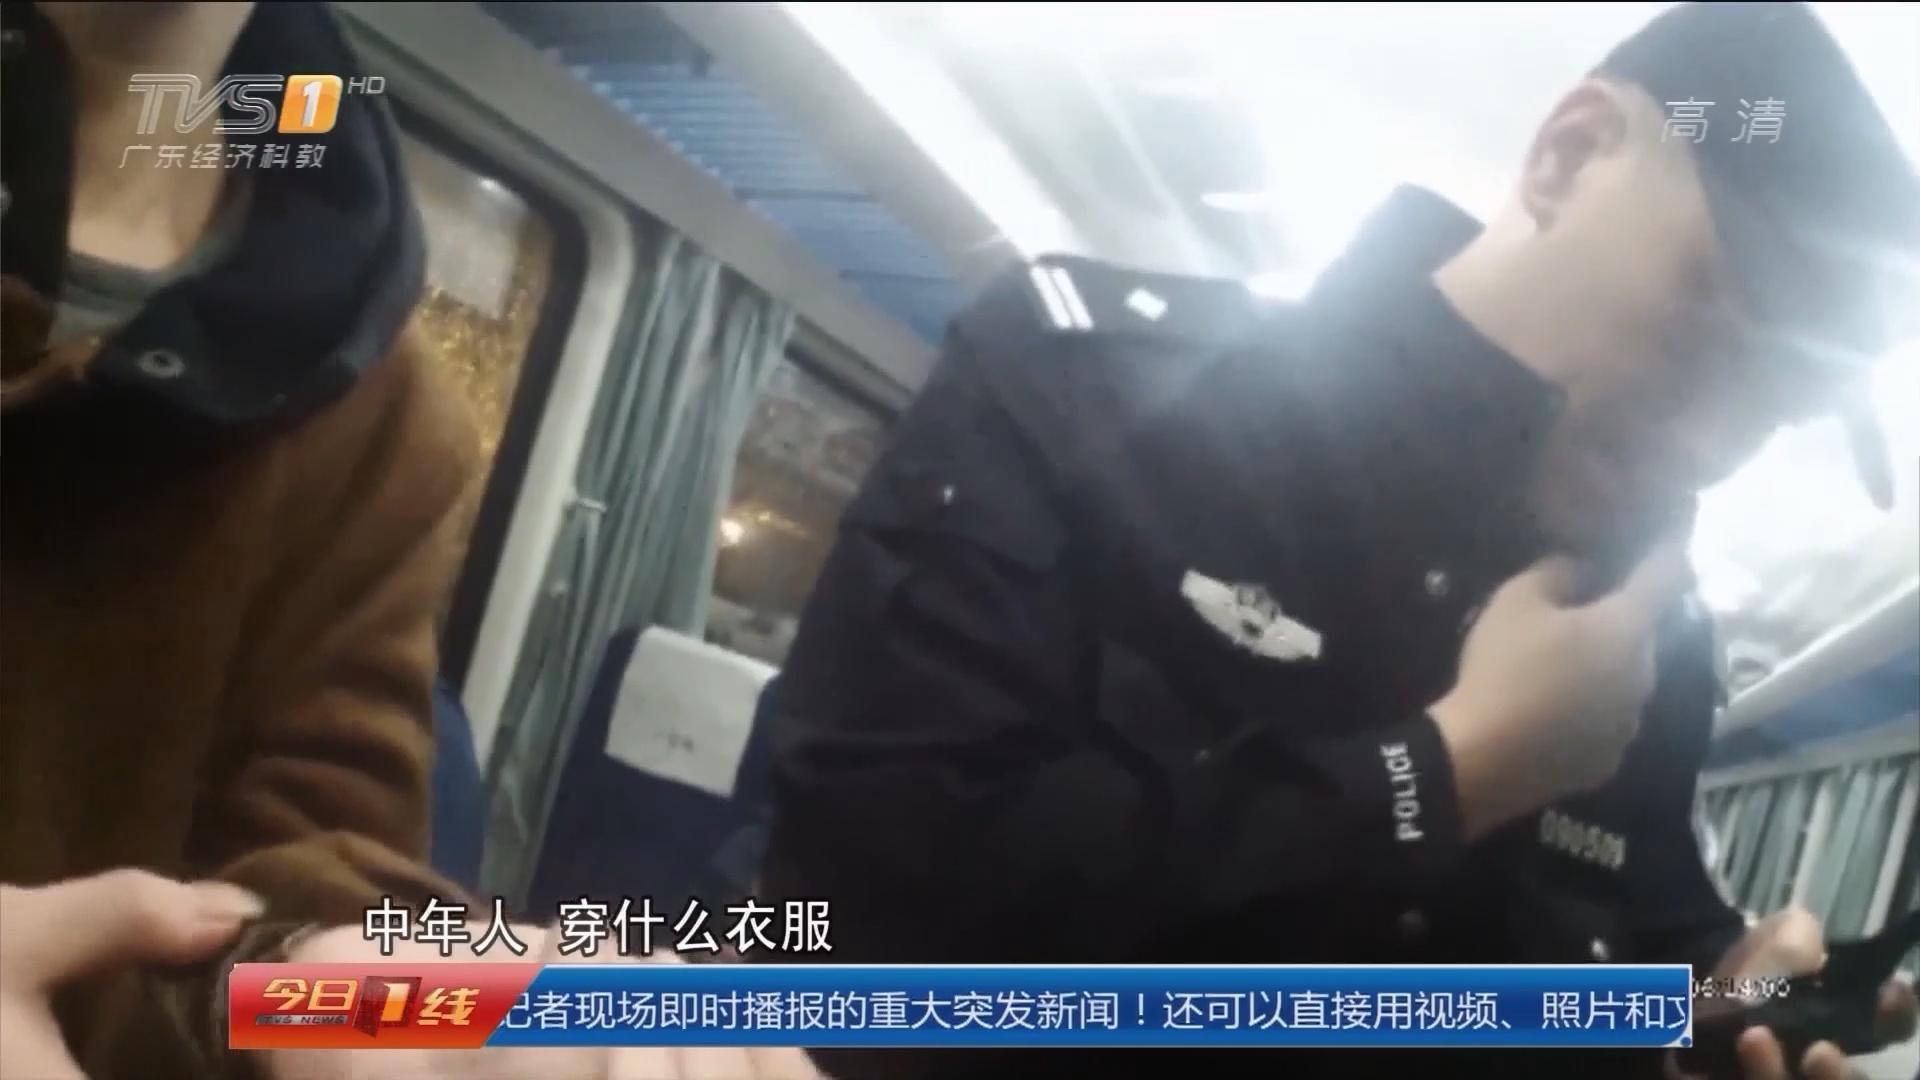 关注春运出行安全:腰藏九万工资款 列车上被盗